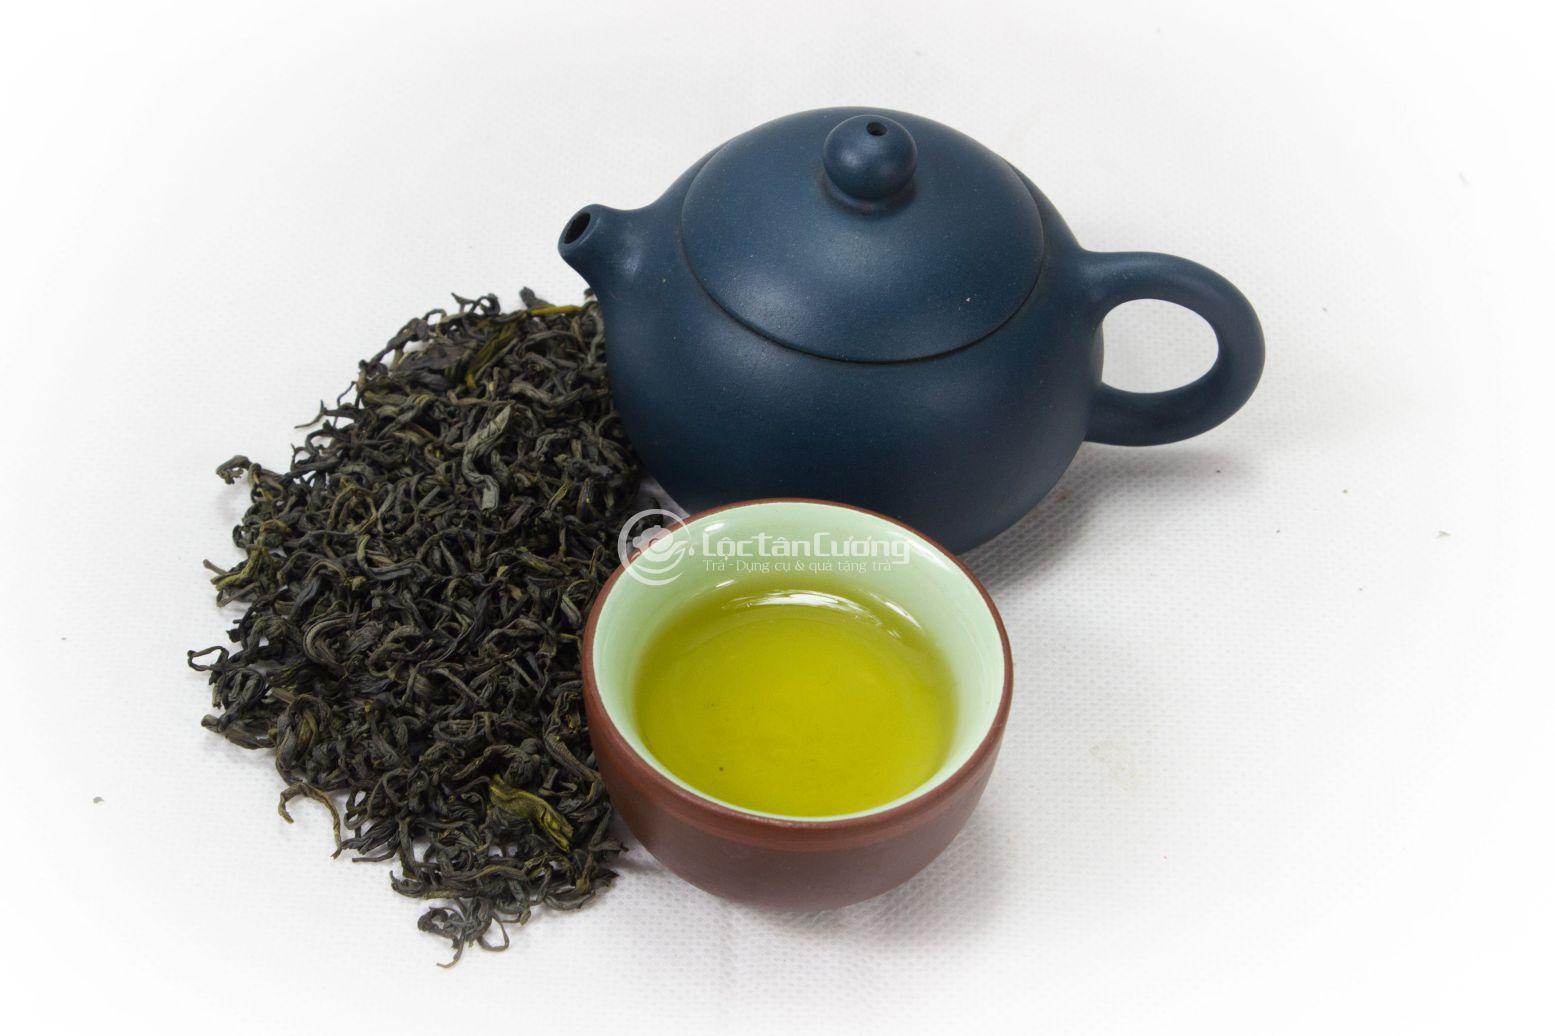 Trà thái nguyên là loại trà được trồng tại tỉnh Thái Nguyên có hương vị đặc trưng của đặc sản miền Bắc